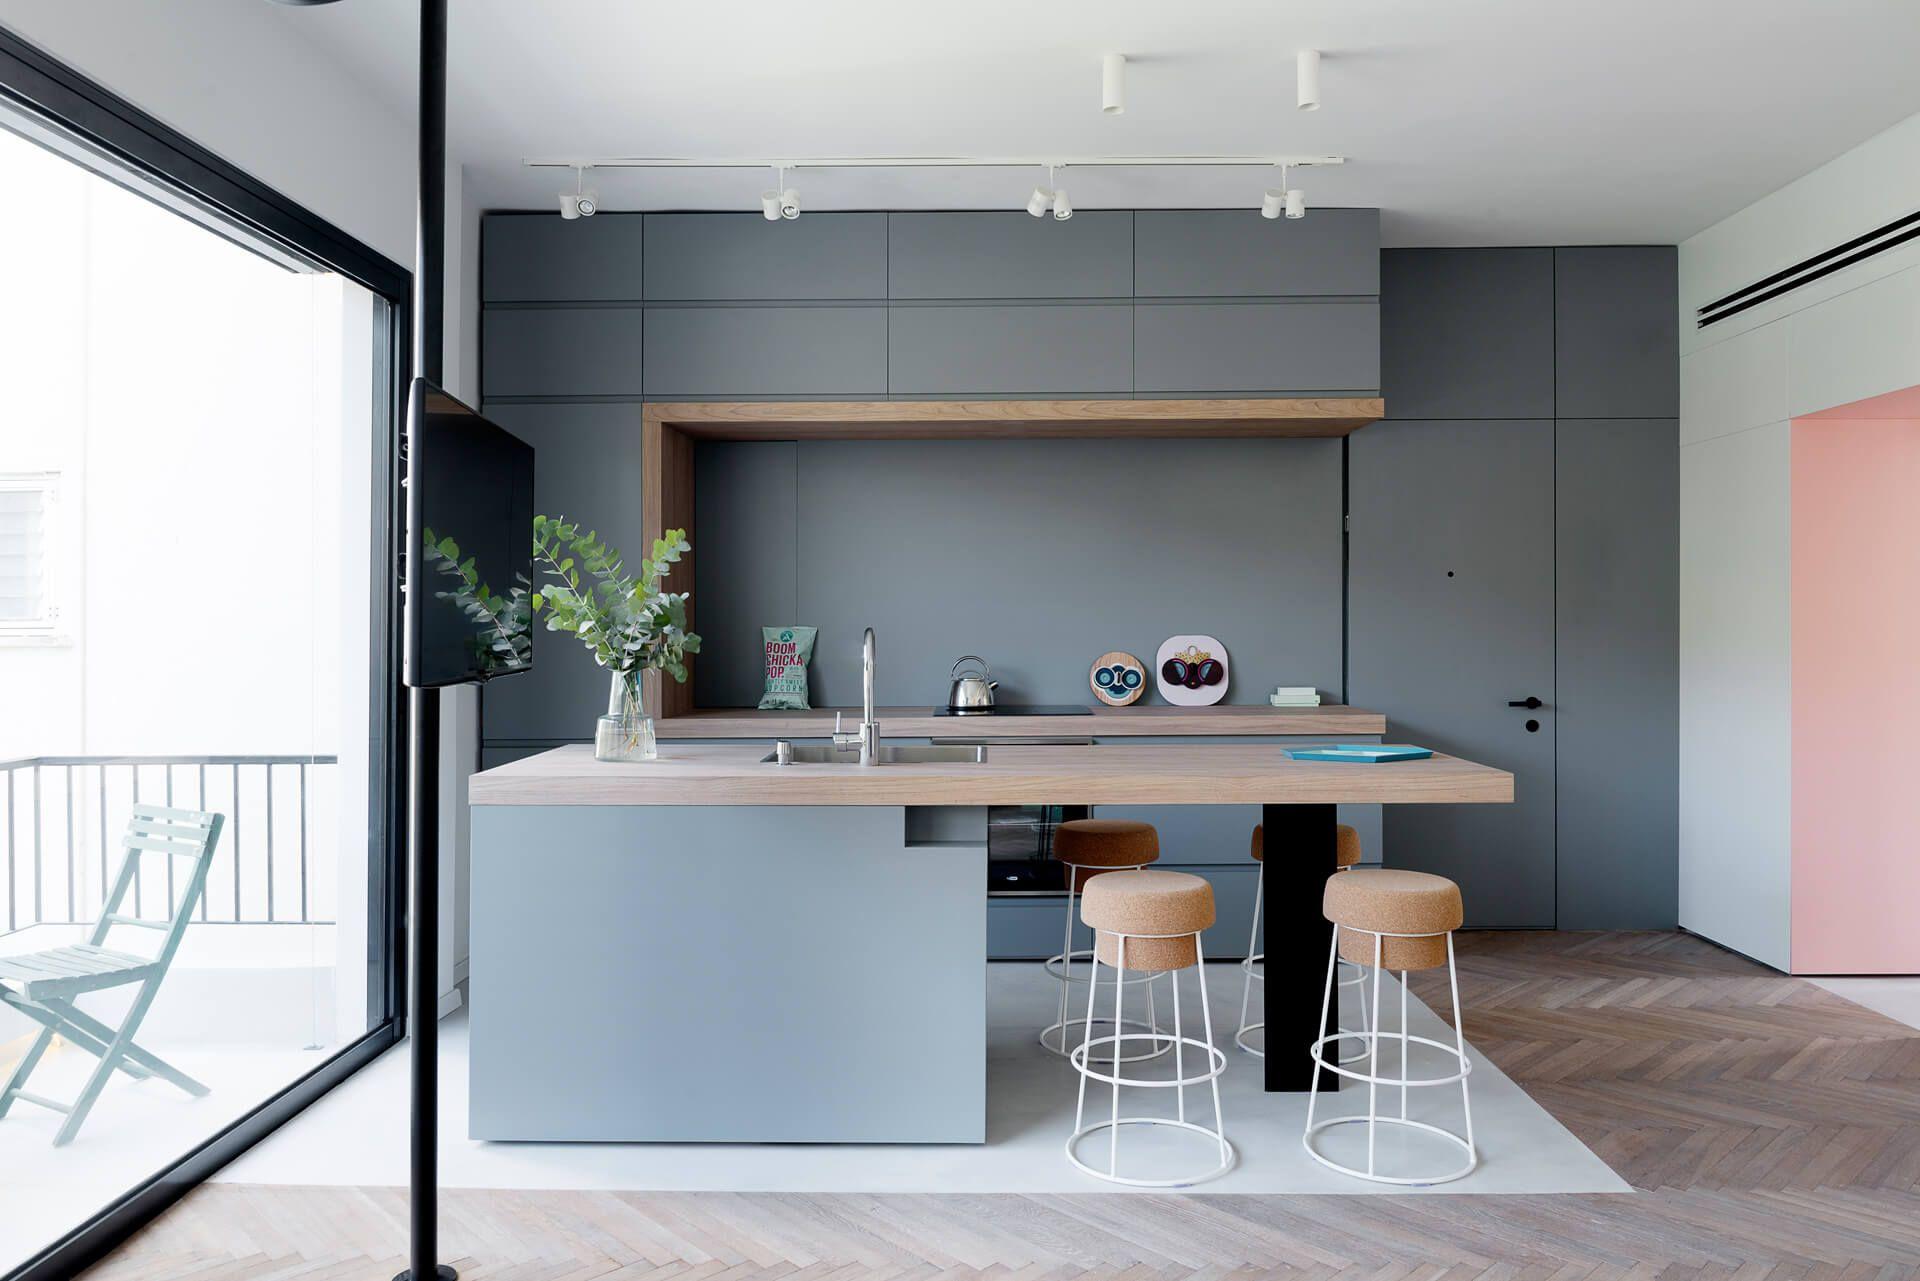 Tel Aviv Apartment by Maayan Zusman Interior Design | cucina/kitchen ...